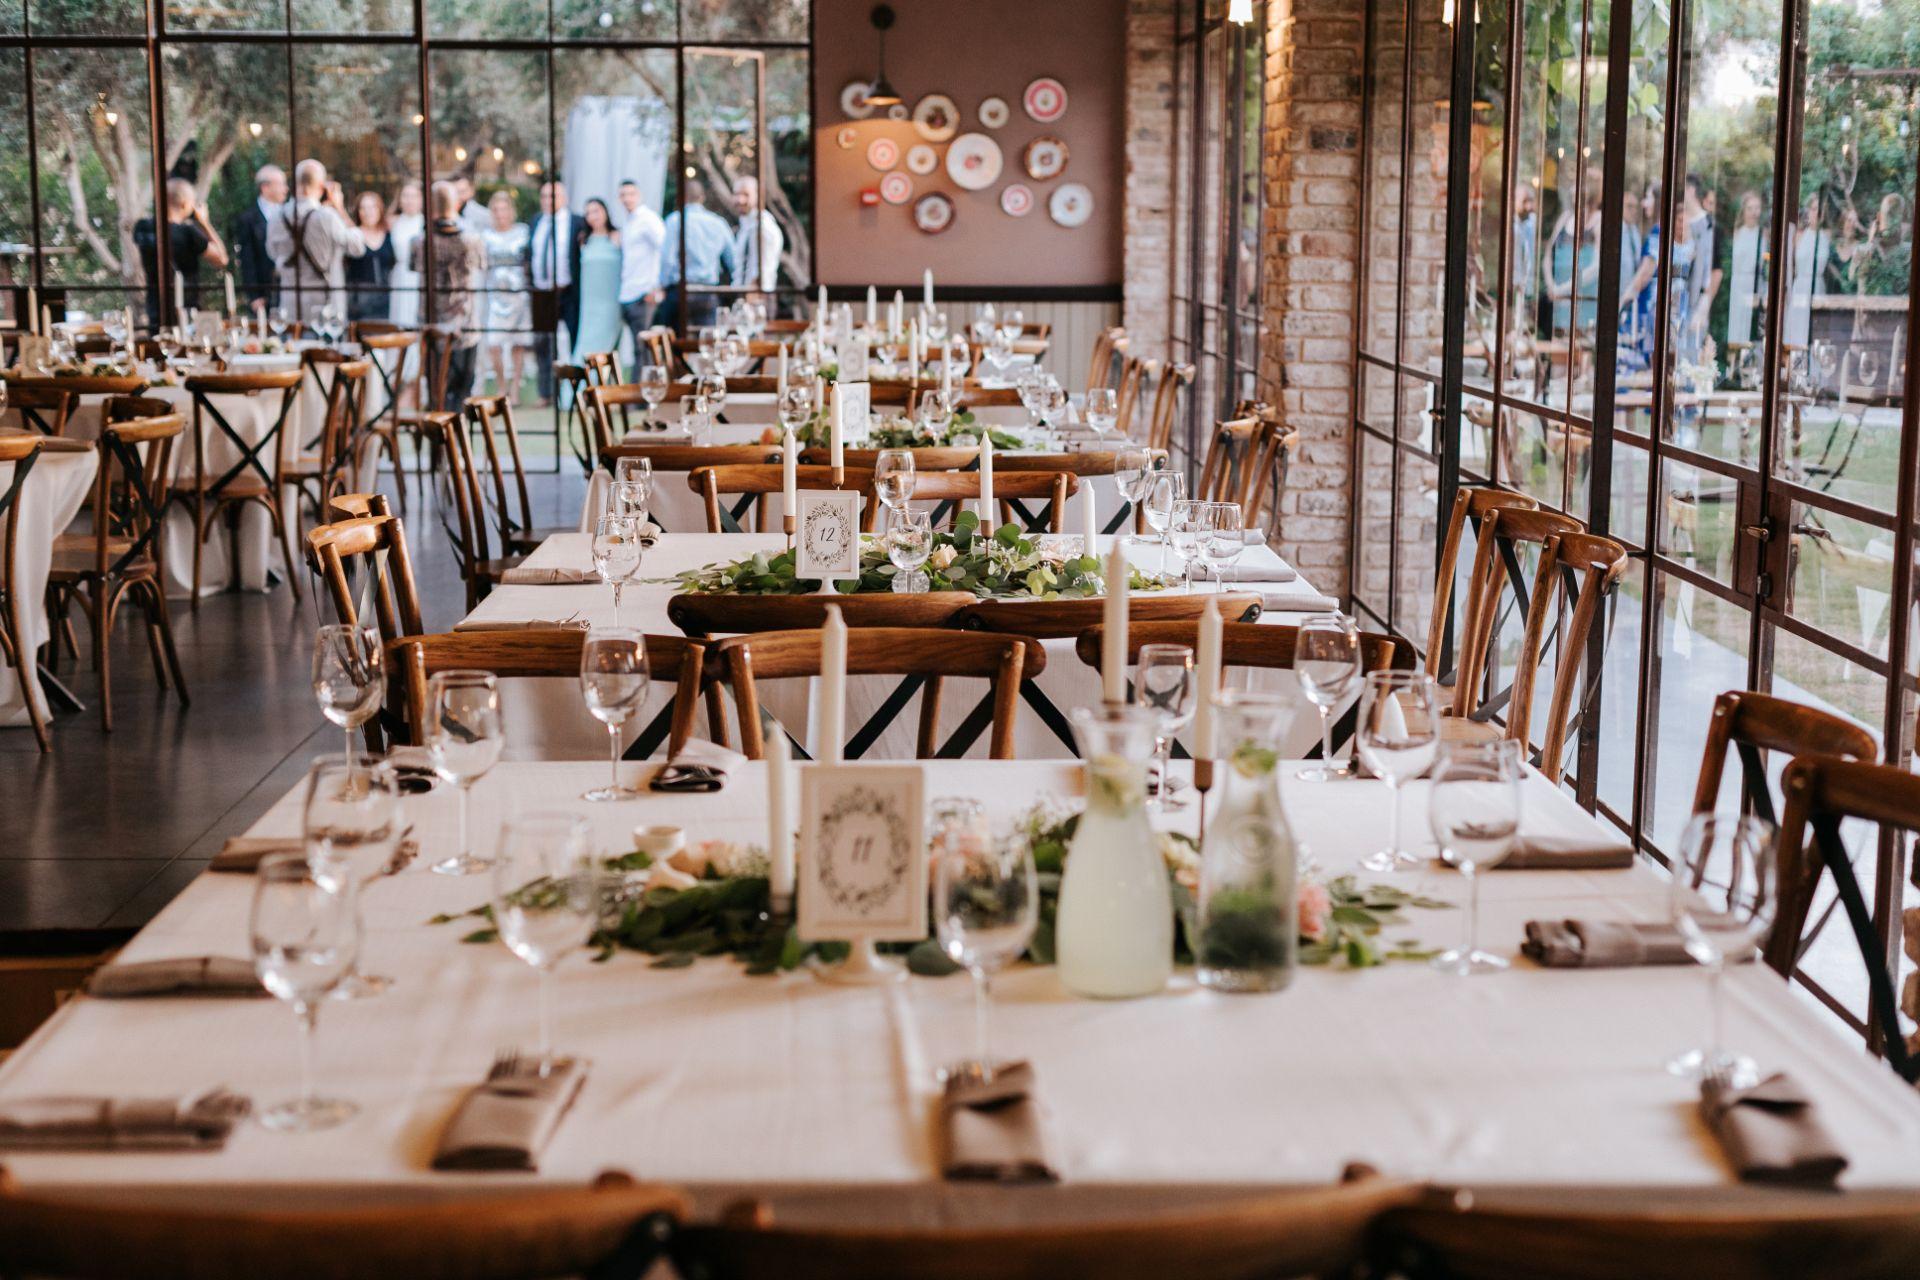 ורדים וגיבסניות: חתונה אינטימית בוילה נונה בקיסריה